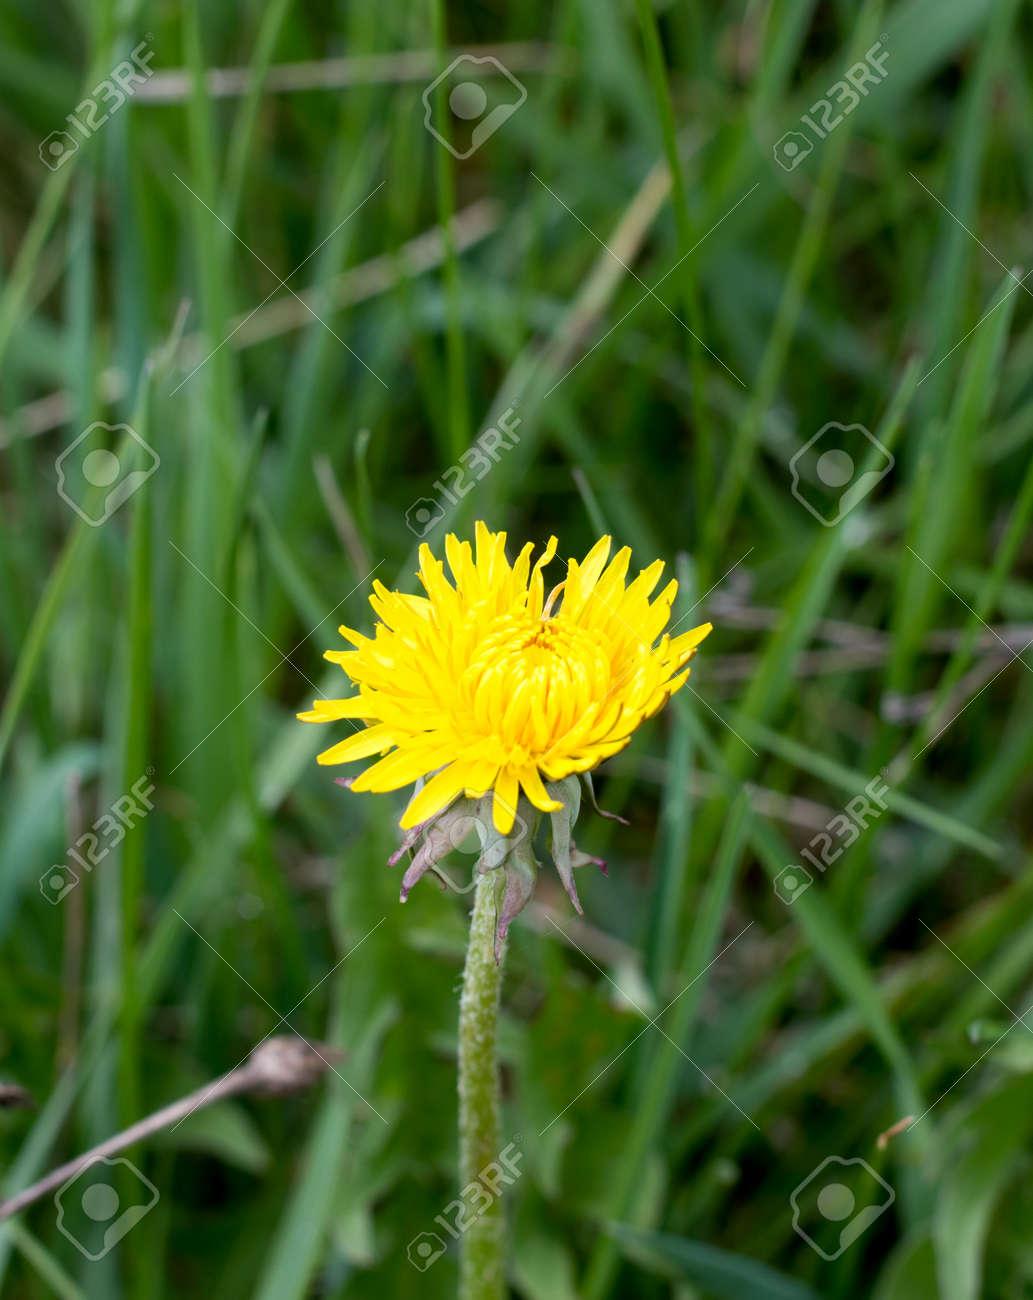 Yellow Flower Dandelion In Spring Bloom Outdoors In Naturecro